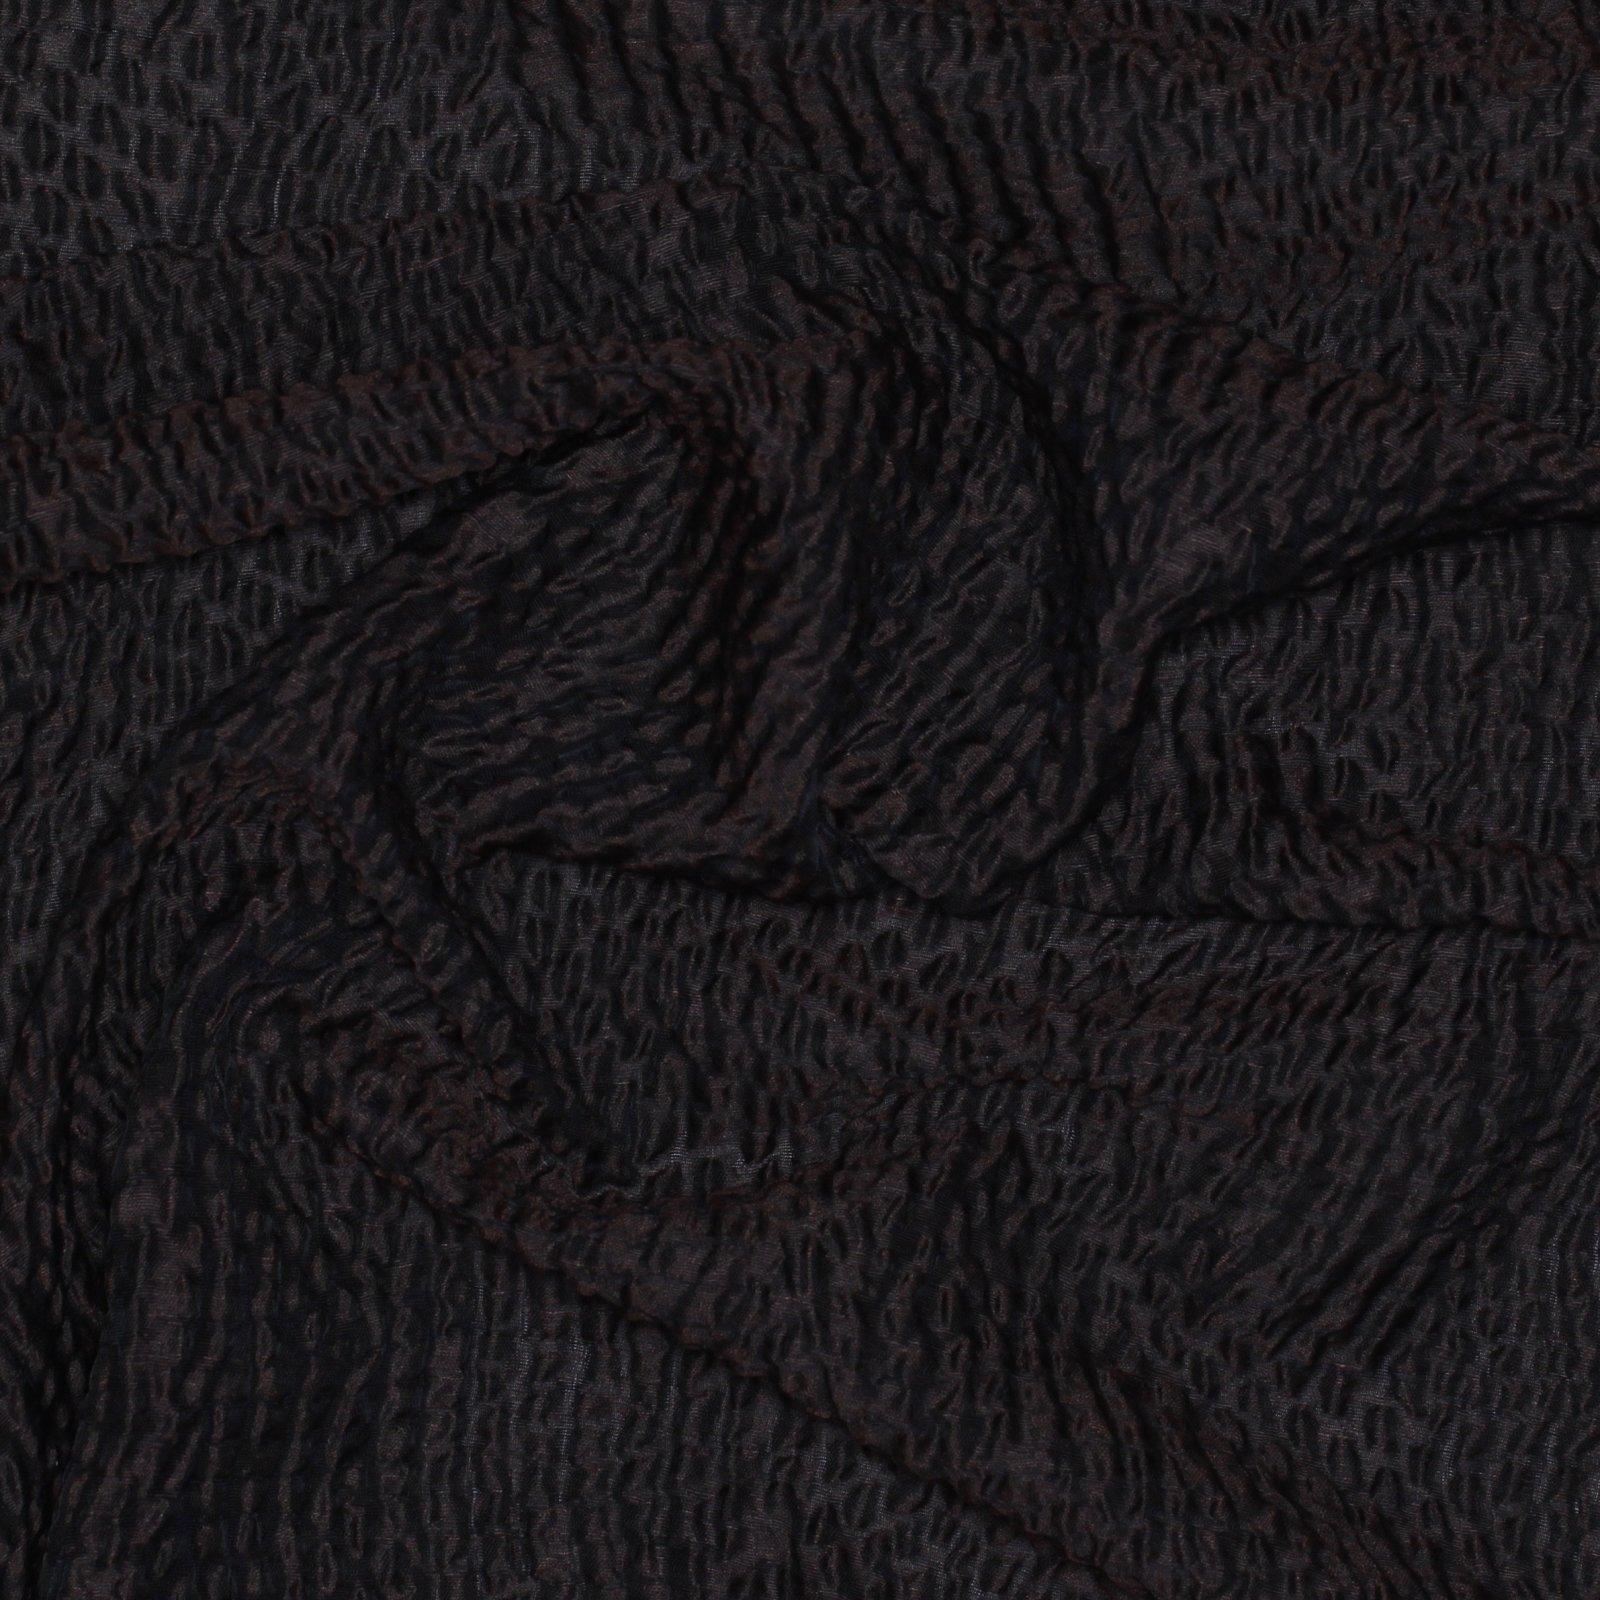 Rodarte Maroon With Black Crossweave Textured Linen Blend